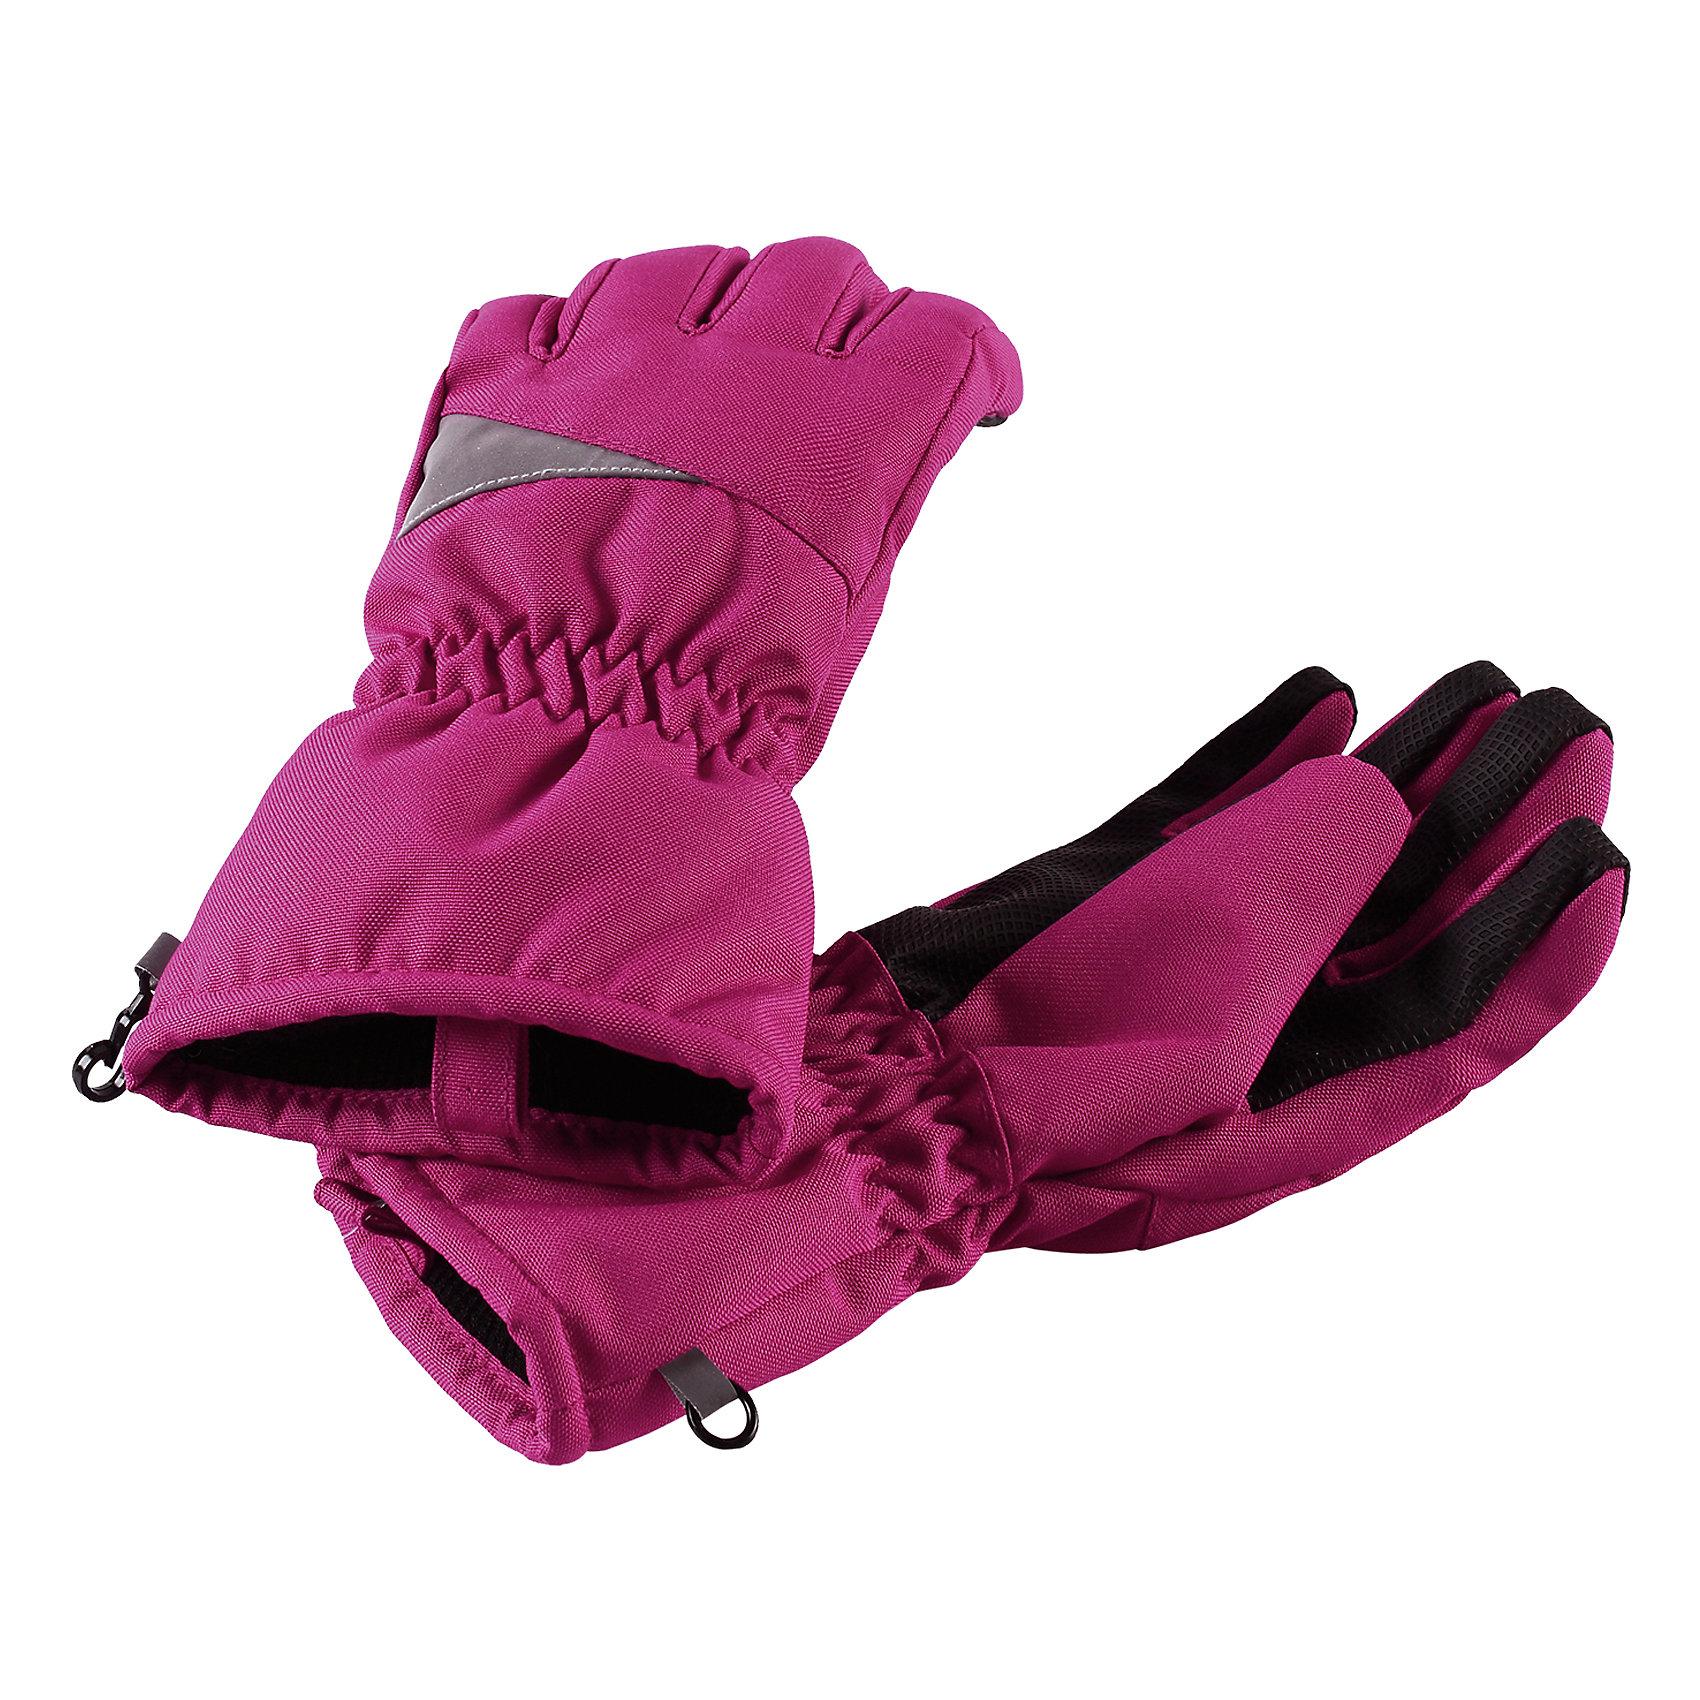 Перчатки Lassietec LassieПерчатки, варежки<br>Встречайте меня, зимние забавы! Детские зимние перчатки Lassietec® сочетают в себе практичность и комфорт! Отличный выбор для ежедневной носки. Перчатки усилены сверхпрочным материалом, а благодаря водонепроницаемой мембране ручки останутся сухими и теплыми во время активных игр на свежем воздухе. Подкладка с начесом внутри очень приятна на ощупь. Удобная застежка на липучке обеспечивает плотное прилегание.<br>Состав:<br>100% Полиэстер<br><br>Ширина мм: 162<br>Глубина мм: 171<br>Высота мм: 55<br>Вес г: 119<br>Цвет: розовый<br>Возраст от месяцев: 96<br>Возраст до месяцев: 120<br>Пол: Унисекс<br>Возраст: Детский<br>Размер: 6,3,5,4<br>SKU: 6928016